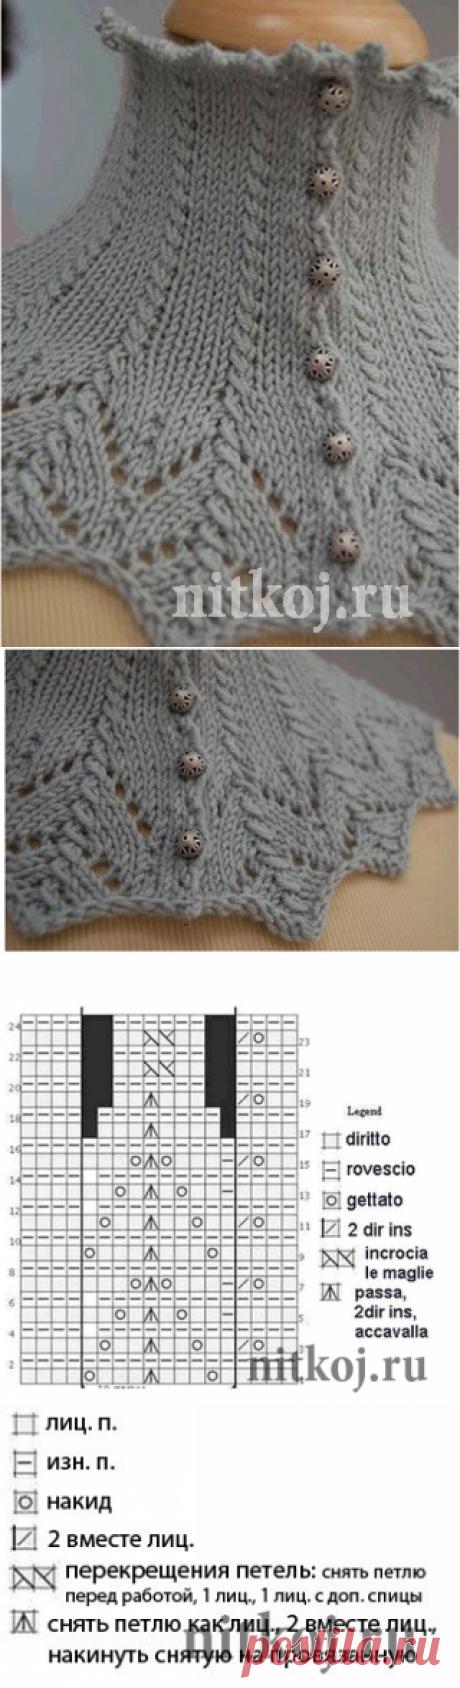 Воротник спицами » Ниткой - вязаные вещи для вашего дома, вязание крючком, вязание спицами, схемы вязания